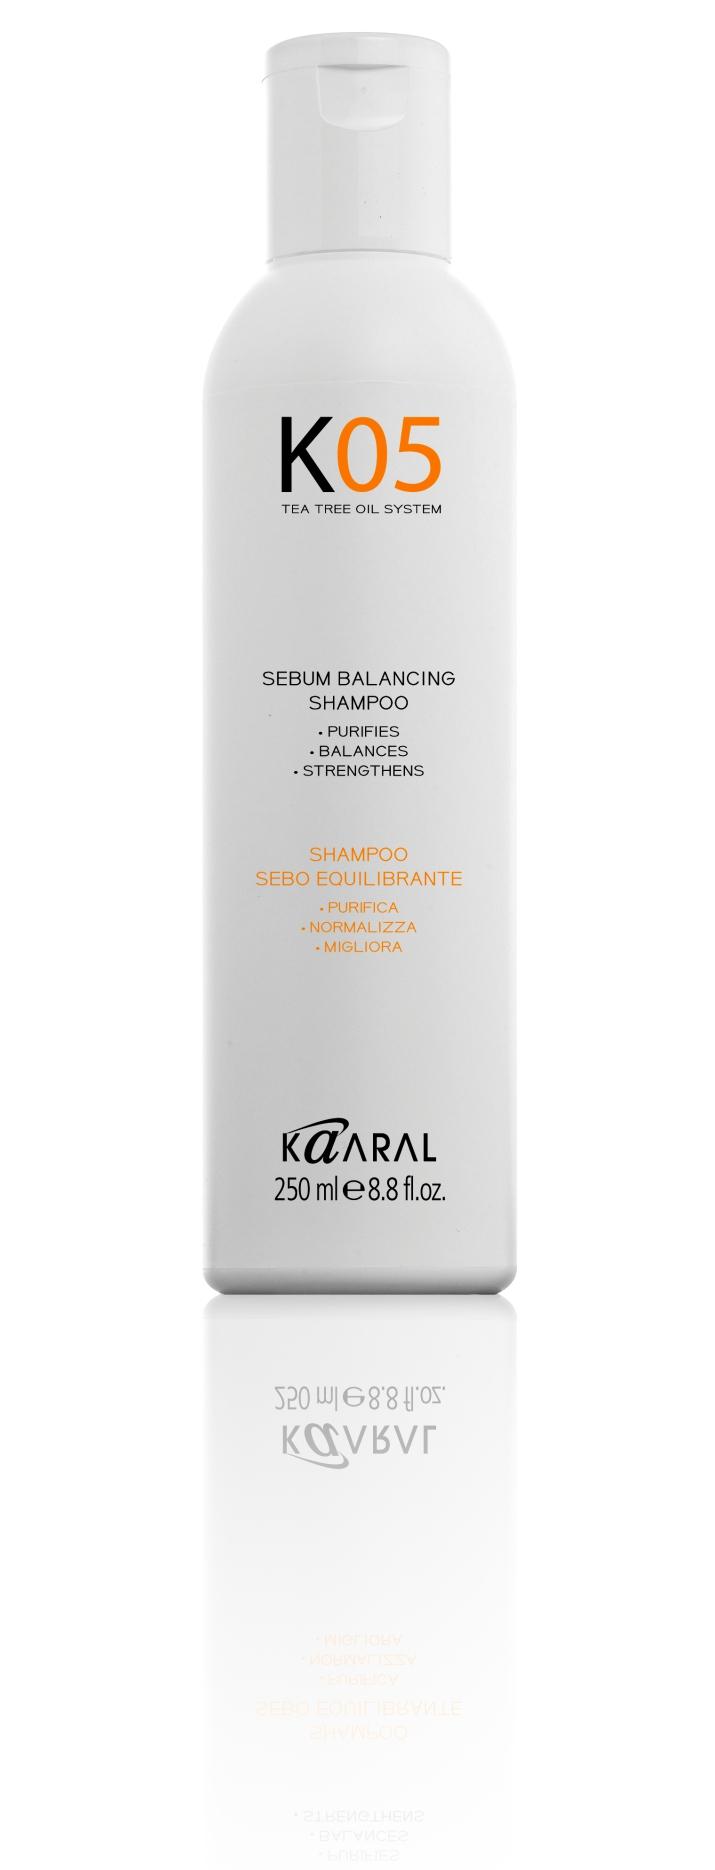 Шампунь для волос KAARAL Sebum Balancing Intense Treatment шампунь для восстановления баланса секреции сальных желез kaaral ko5 sebum balancing 250 мл